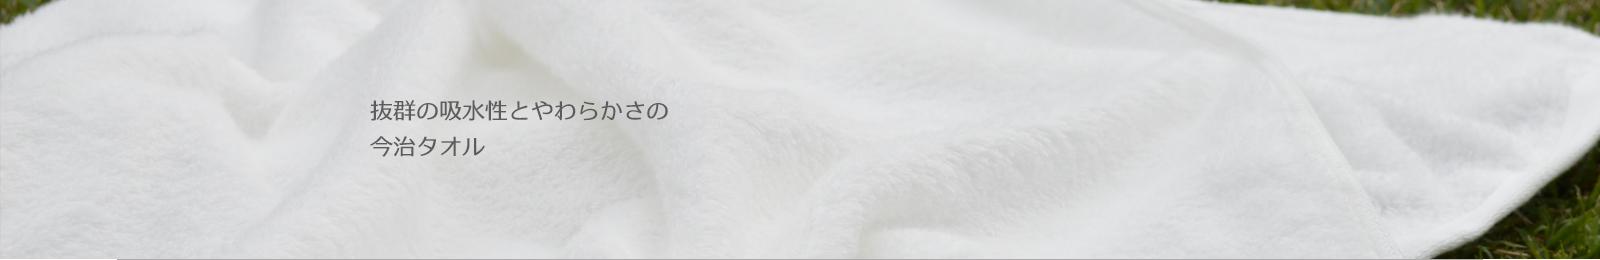 抜群の吸水性とやわらかさの今治タオル